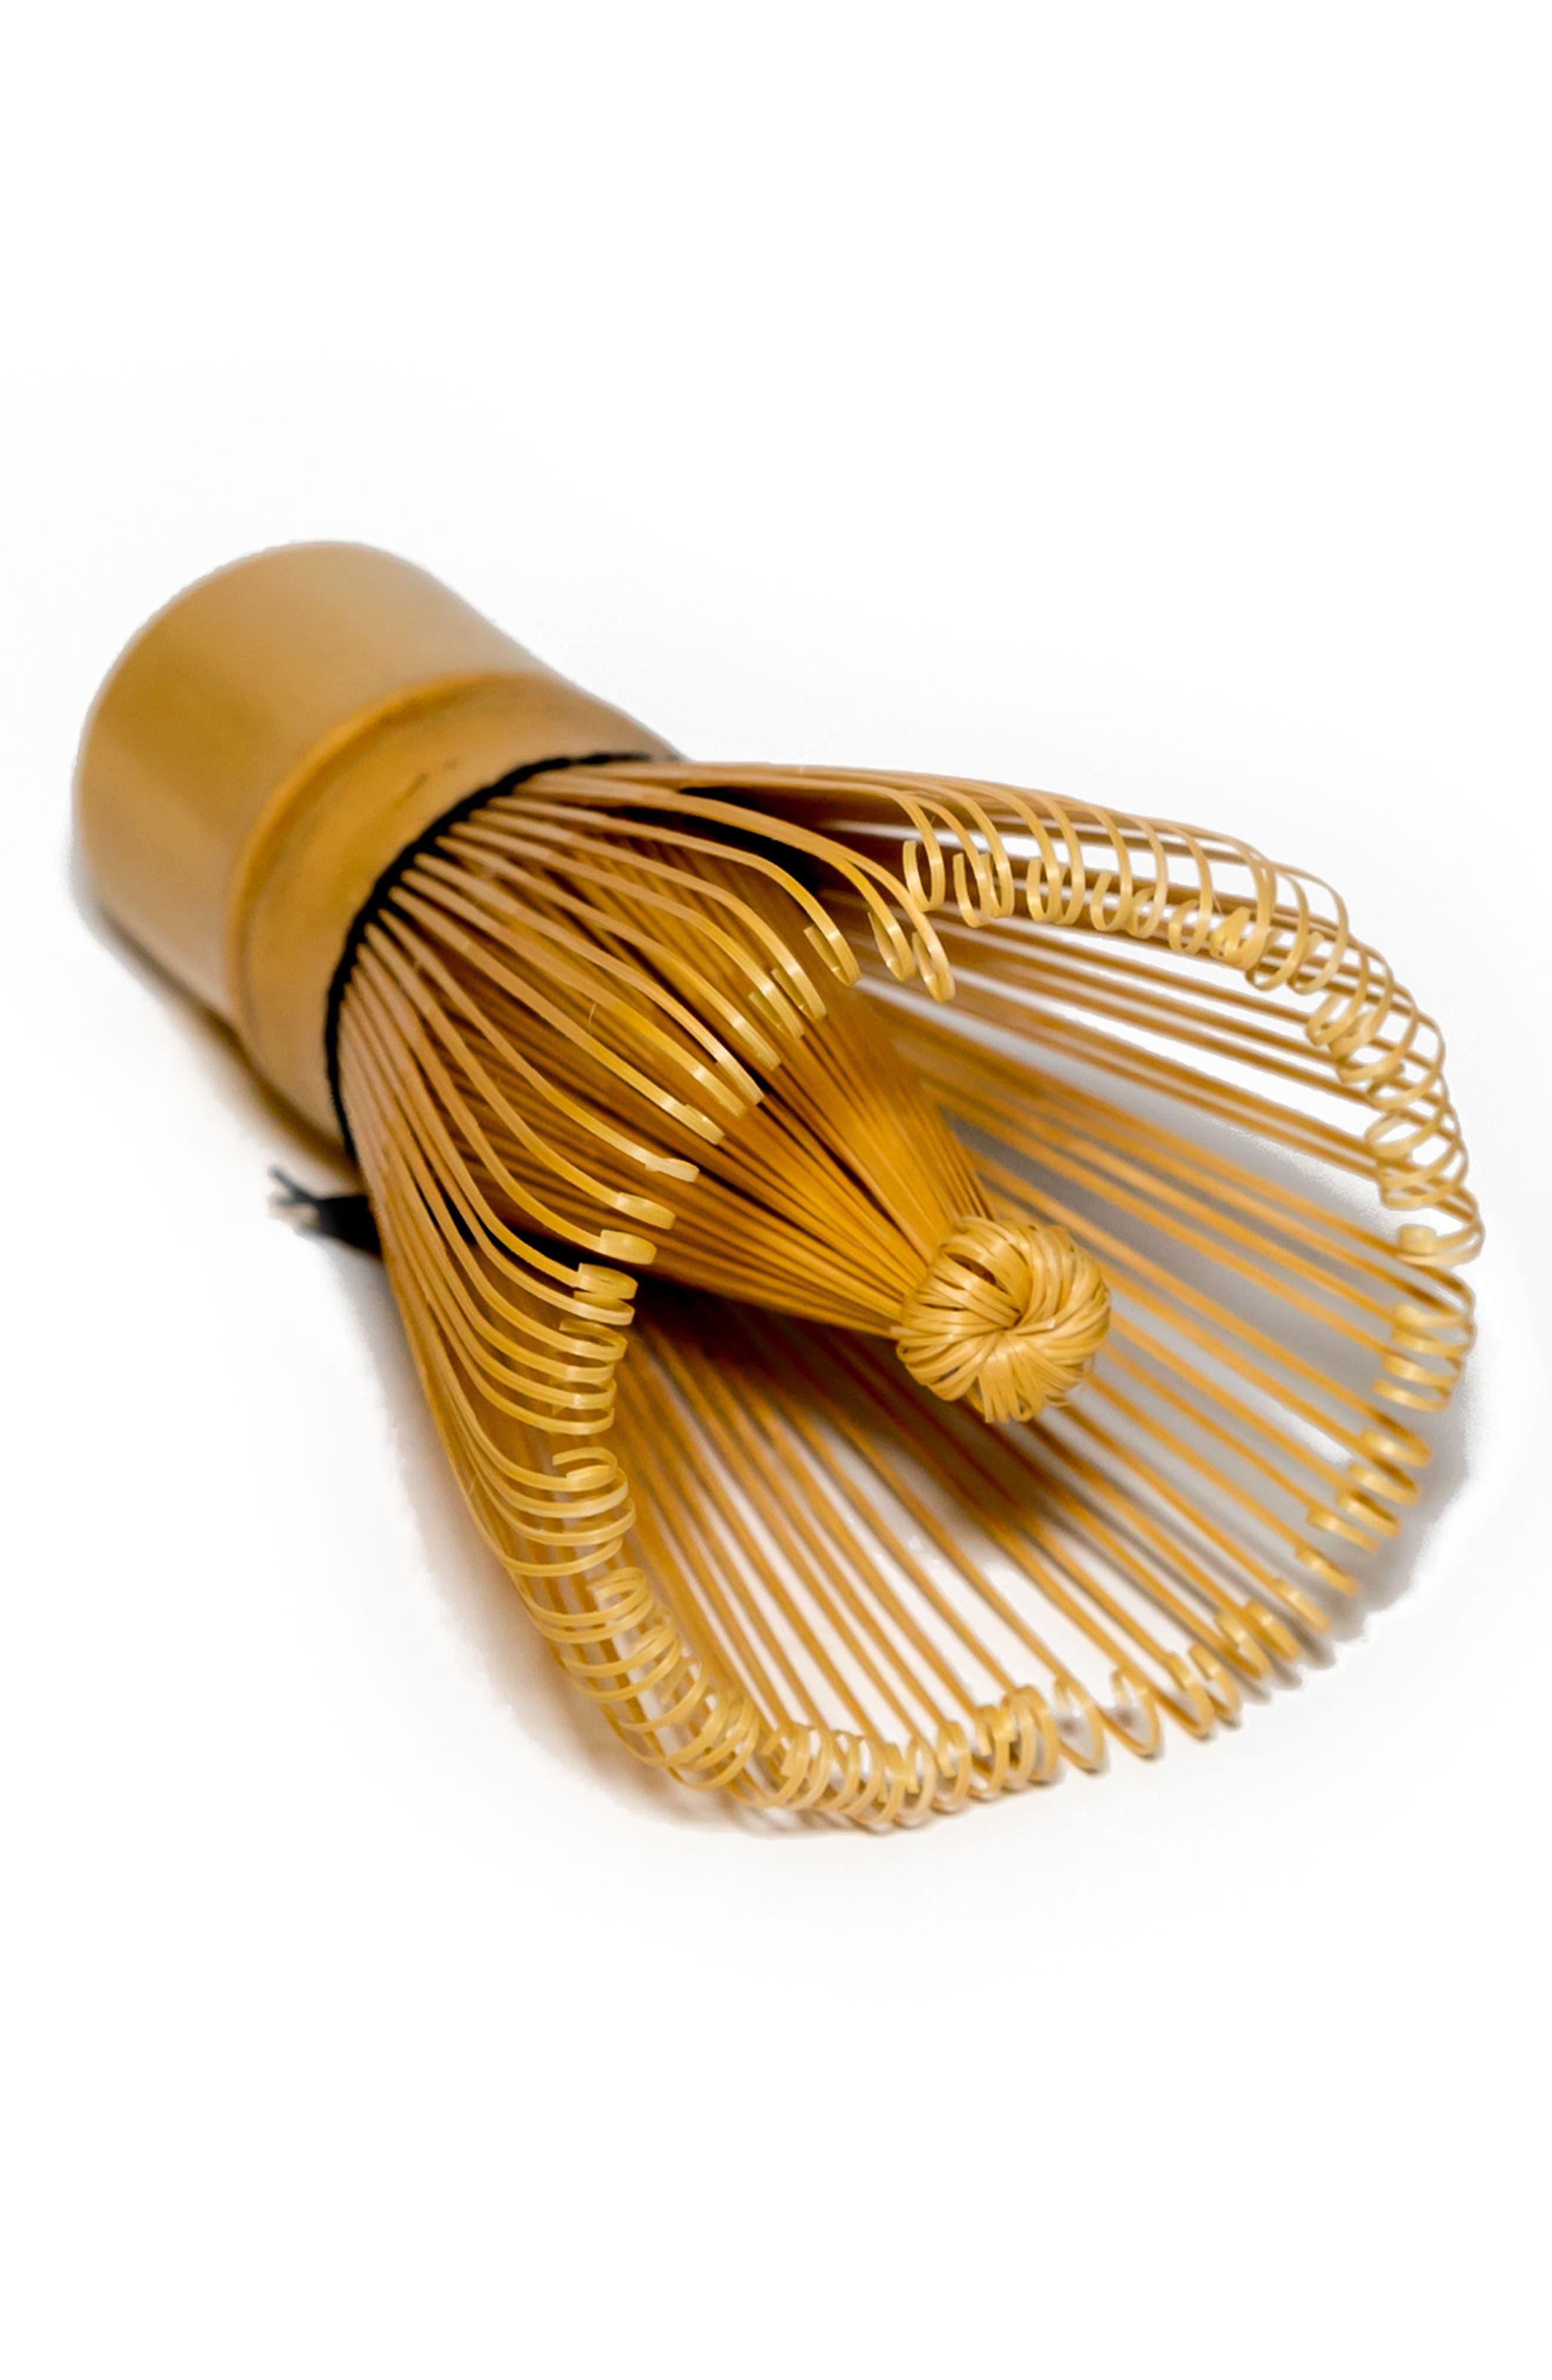 100 Prong Bamboo Matcha Whisk,                             Alternate thumbnail 3, color,                             No Color